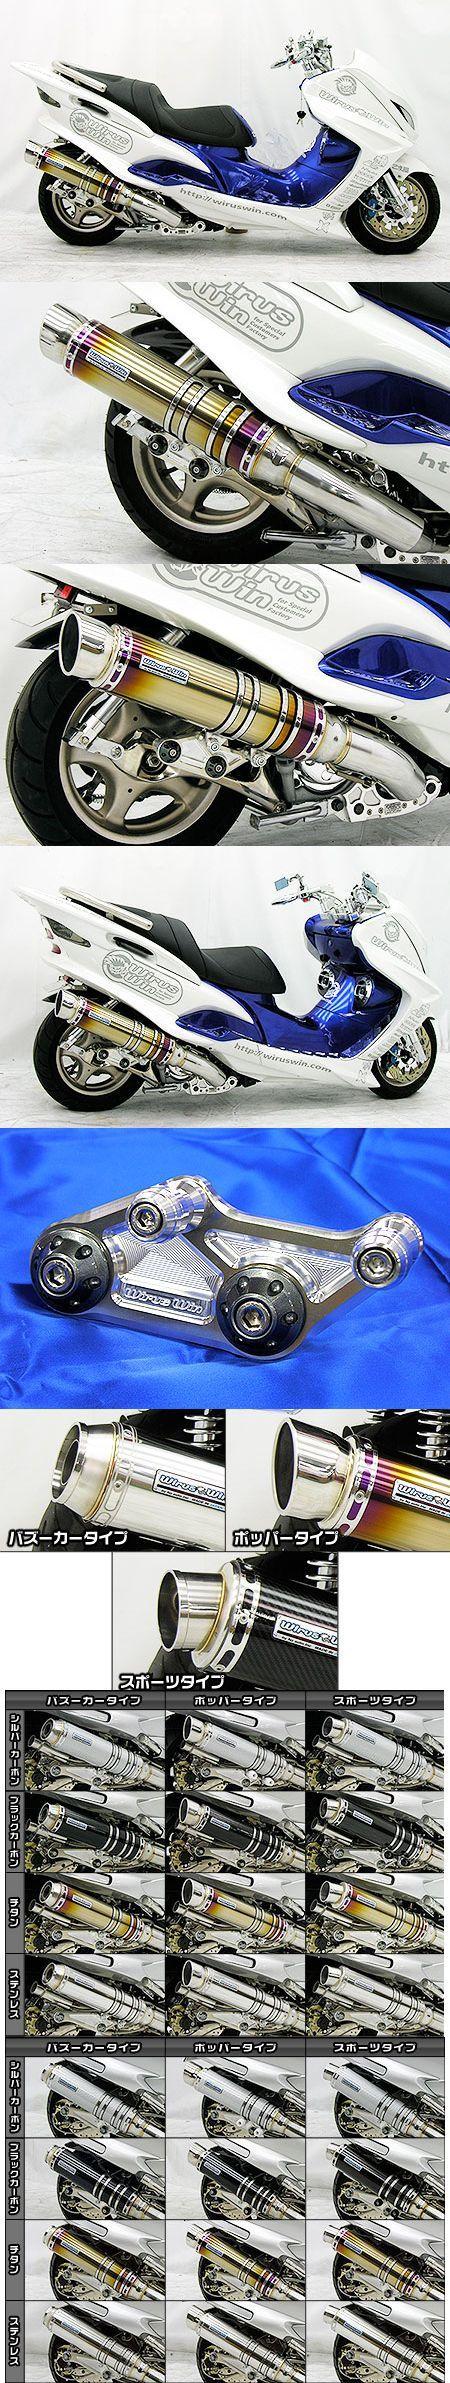 【WirusWin】Ultimate全段排氣管 鈦合金款式 火箭筒型 - 「Webike-摩托百貨」